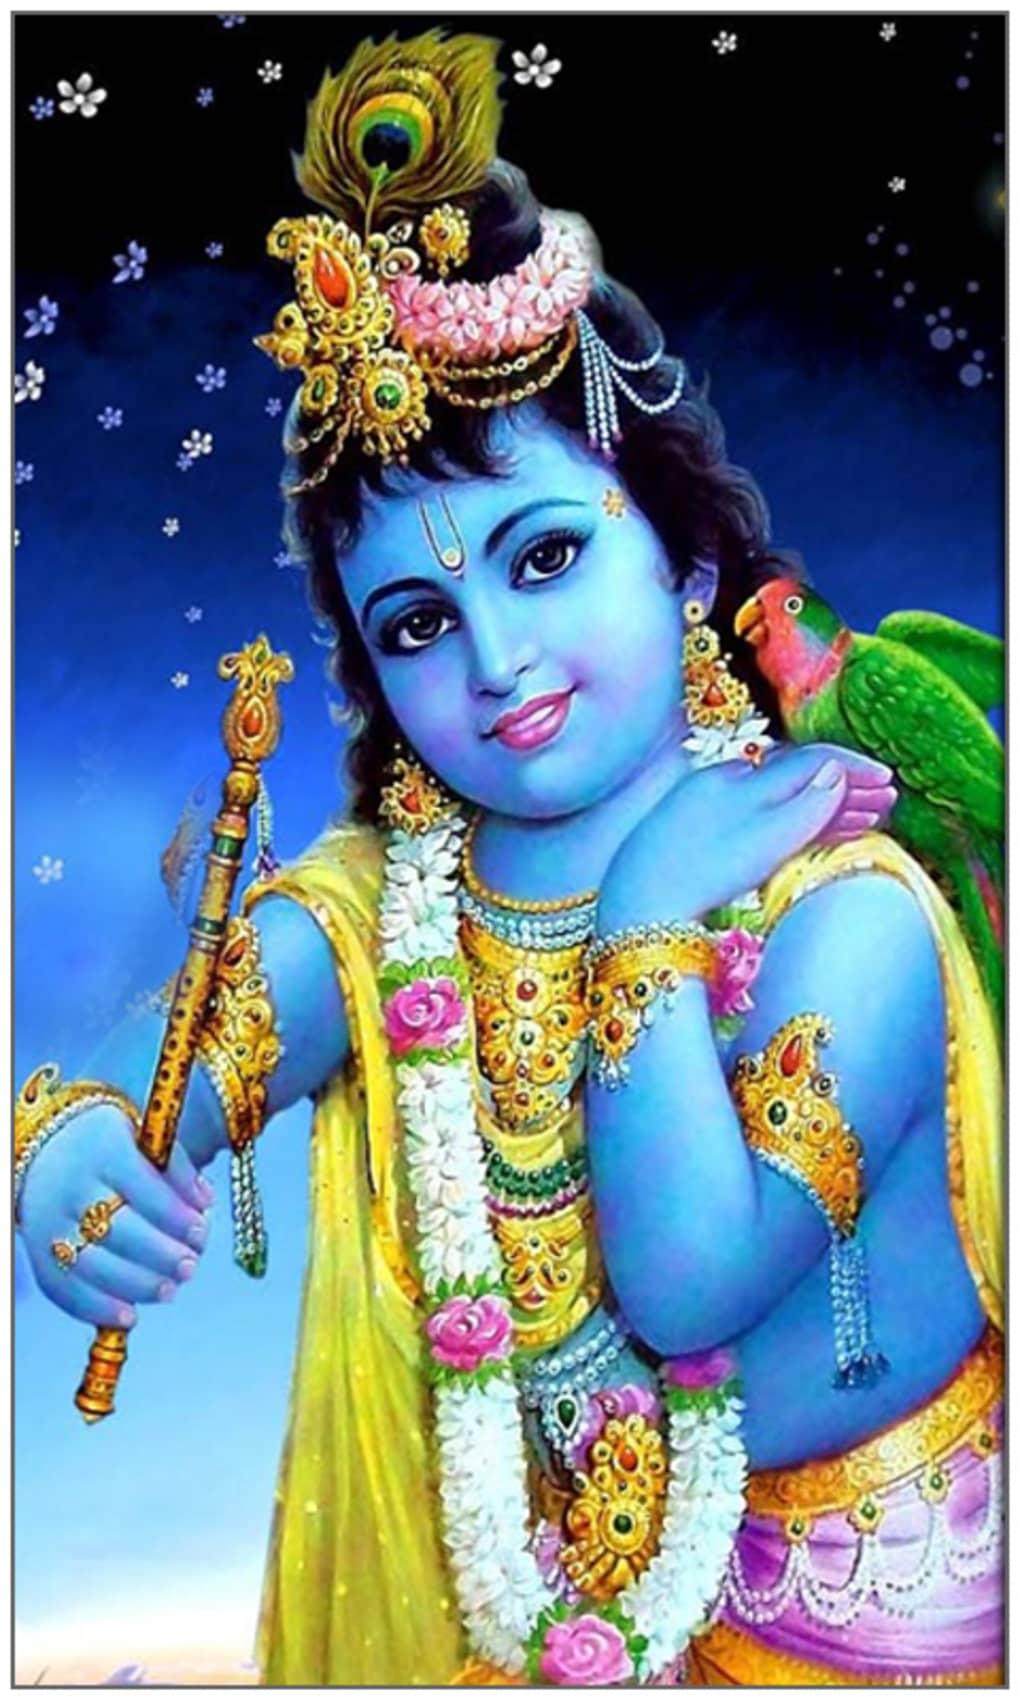 Sri Krishna God Live Wallpaper - Lord Krishna Photos Download - HD Wallpaper